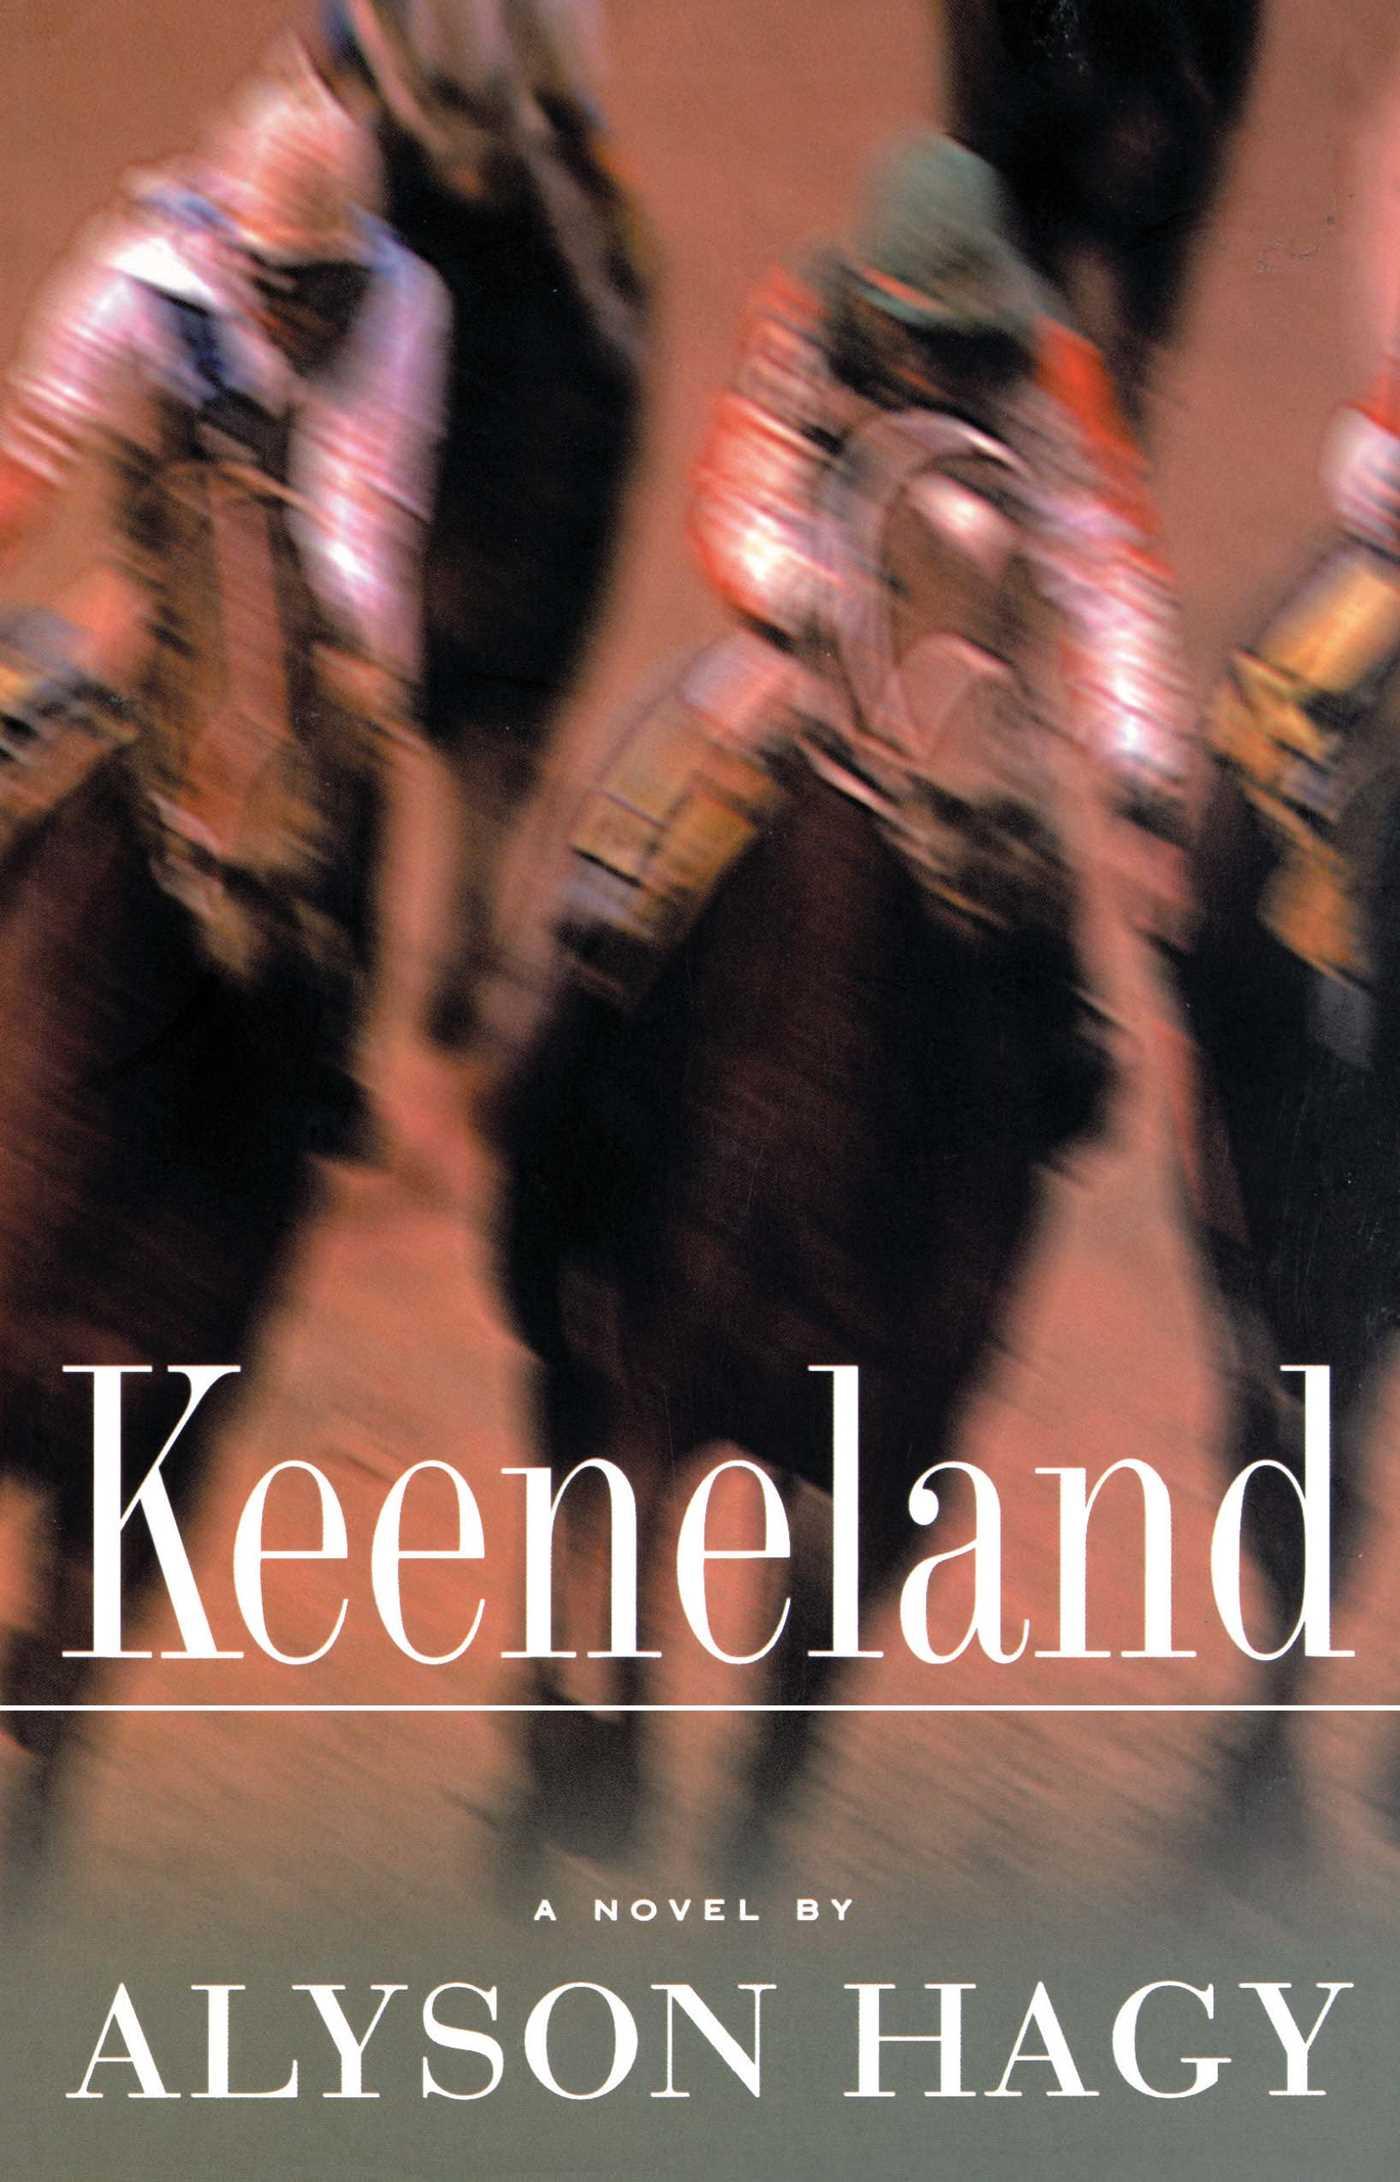 Keeneland 9780743242691 hr